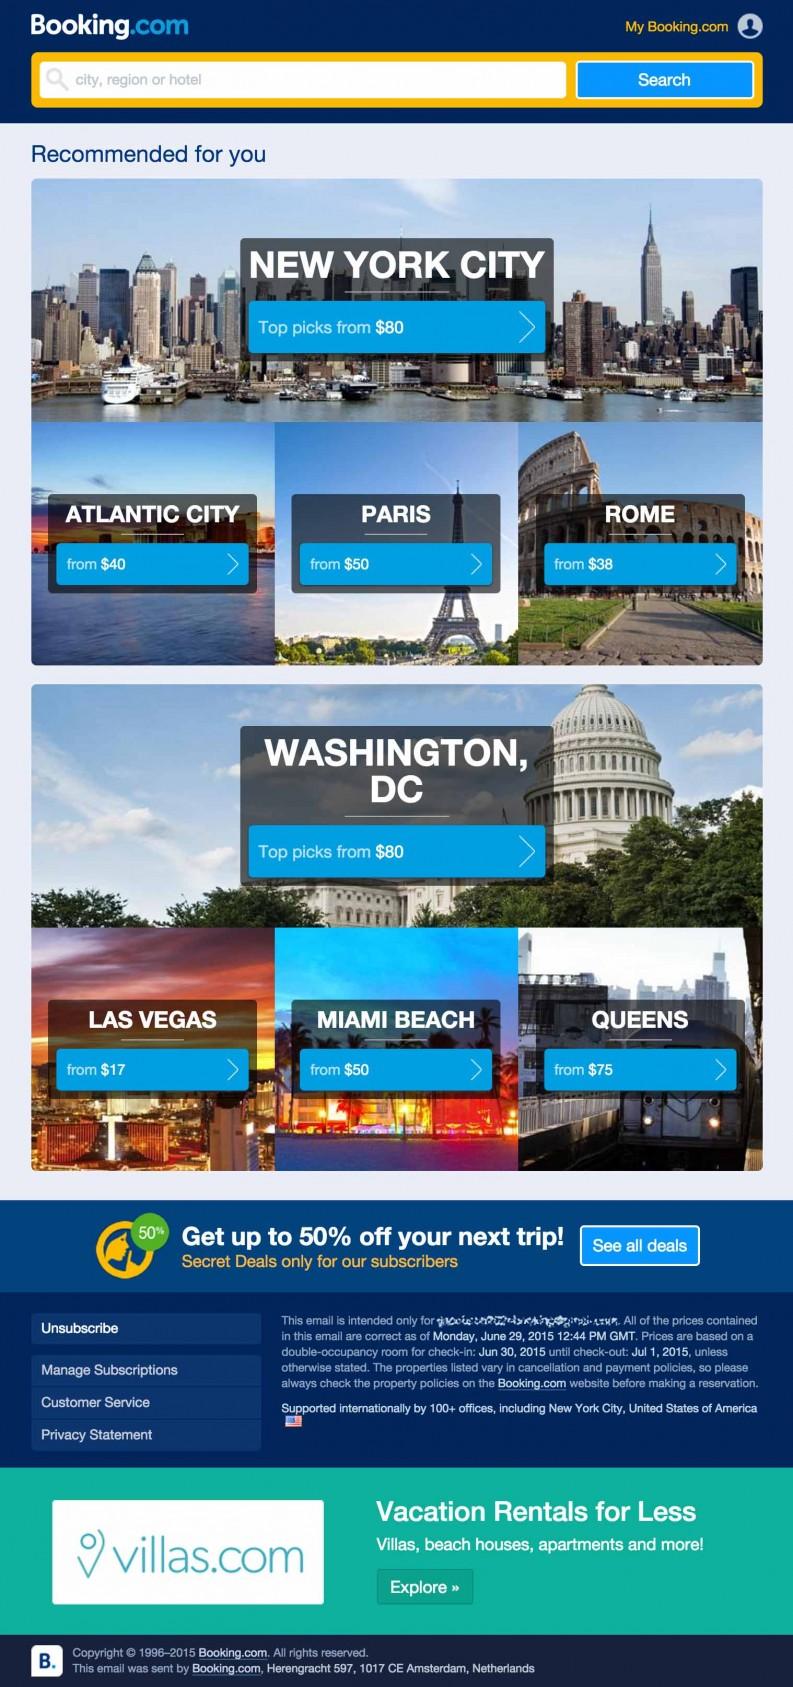 BookingCom Hotel Travel email imarketing